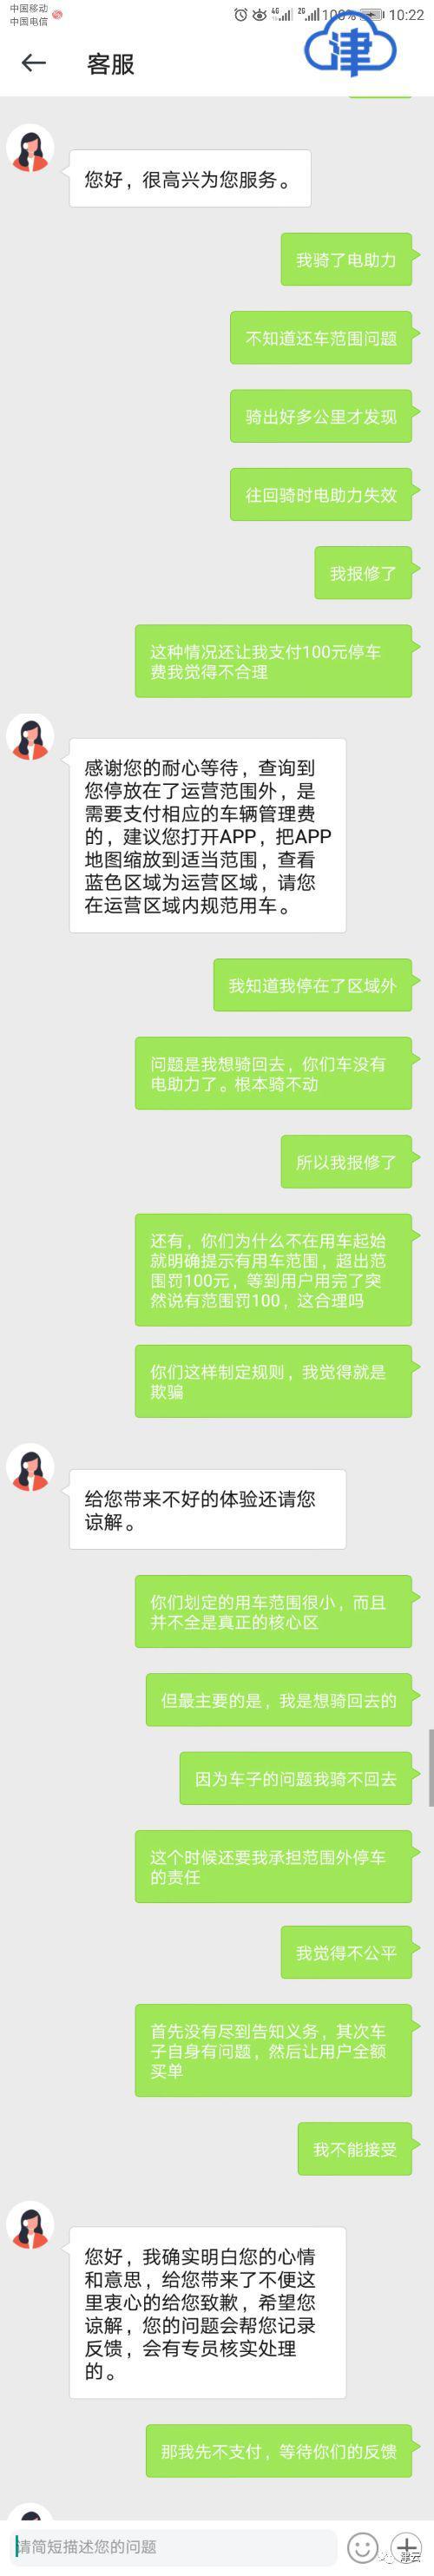 小何的在线投诉记录 制图:贾静